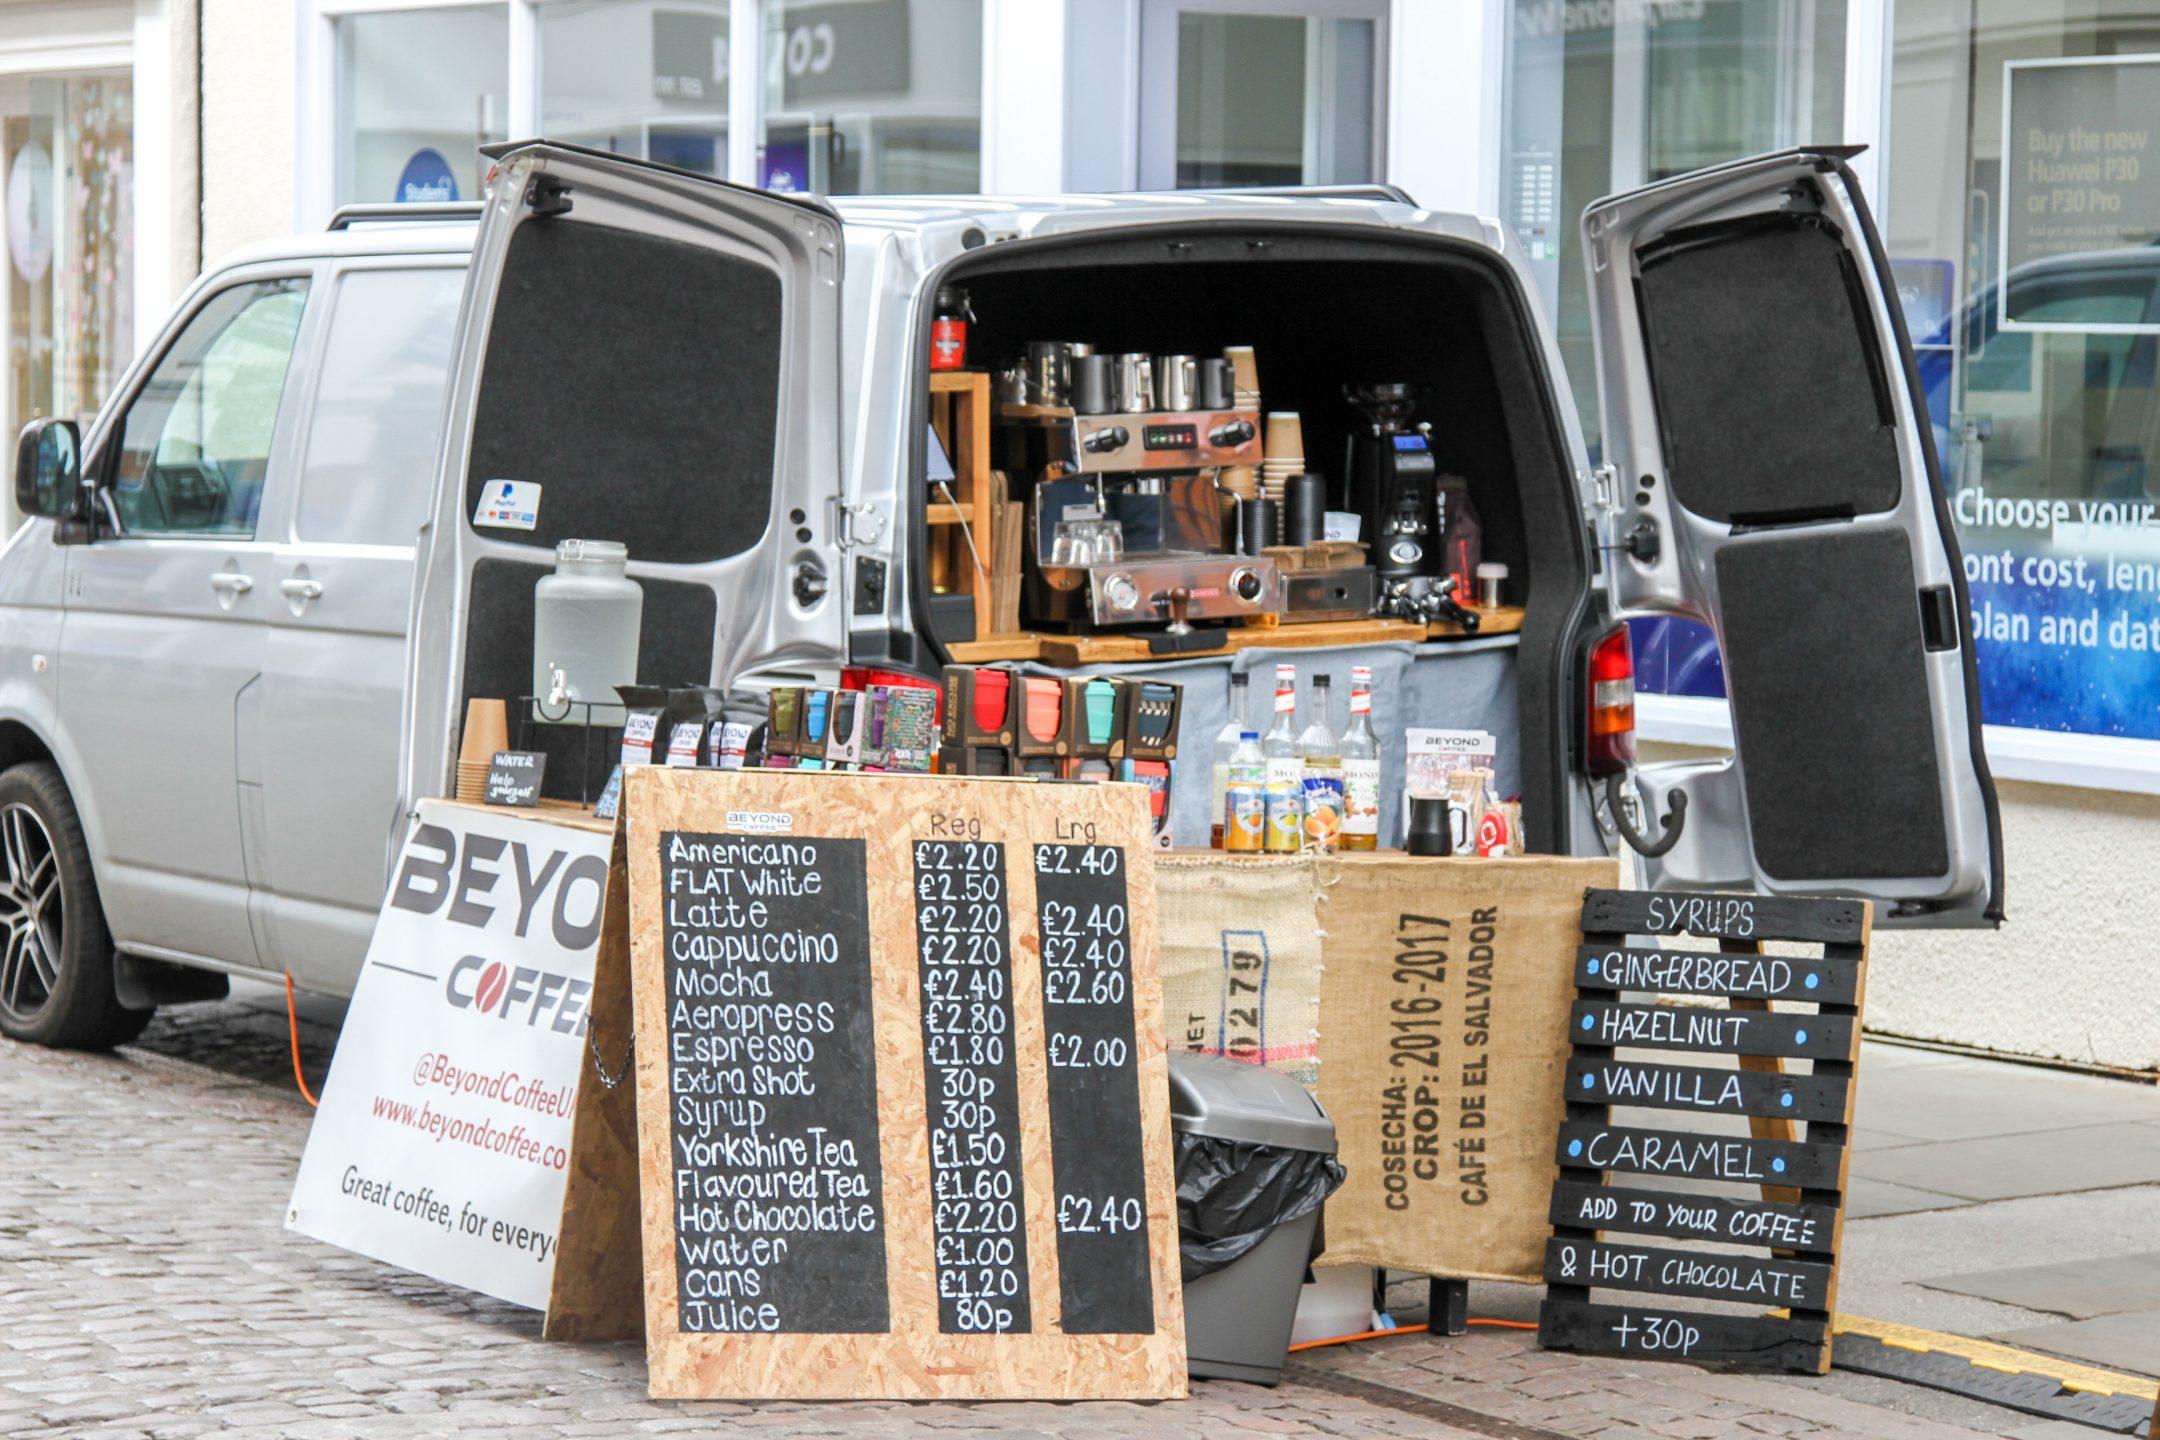 Vehicle, mobile, coffee, van, beyondcoffee